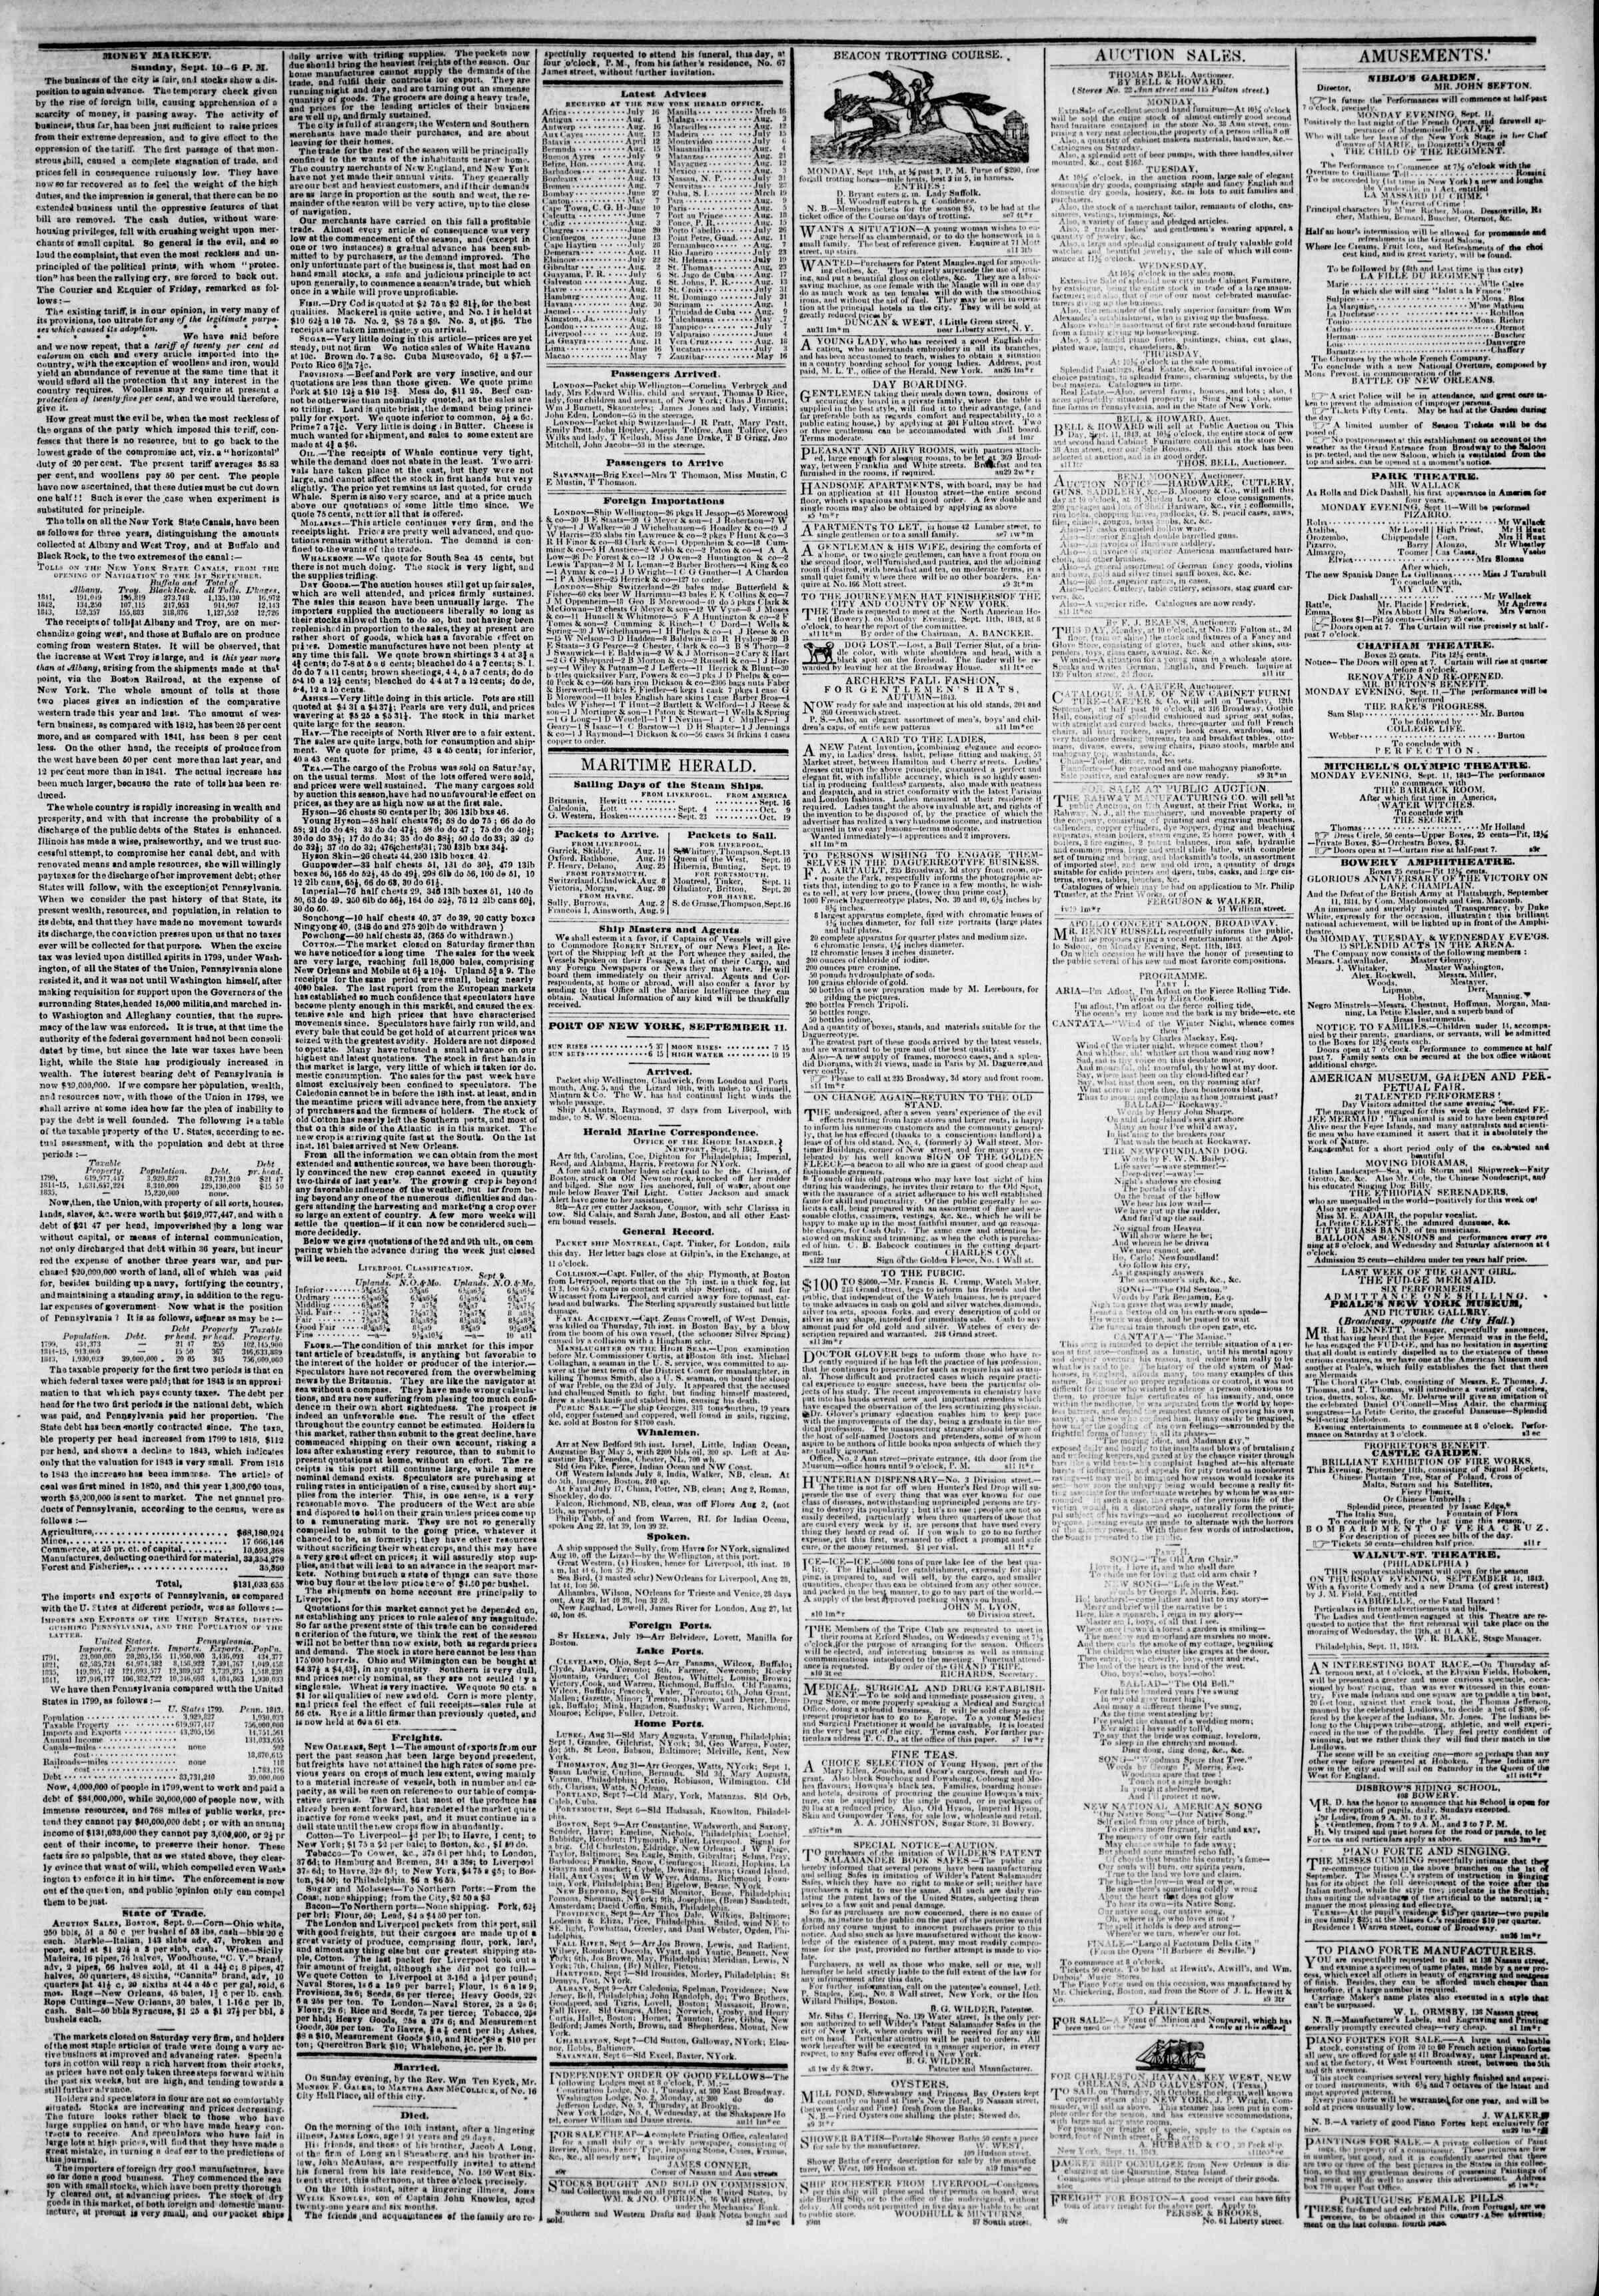 September 11, 1843 Tarihli The New York Herald Gazetesi Sayfa 3